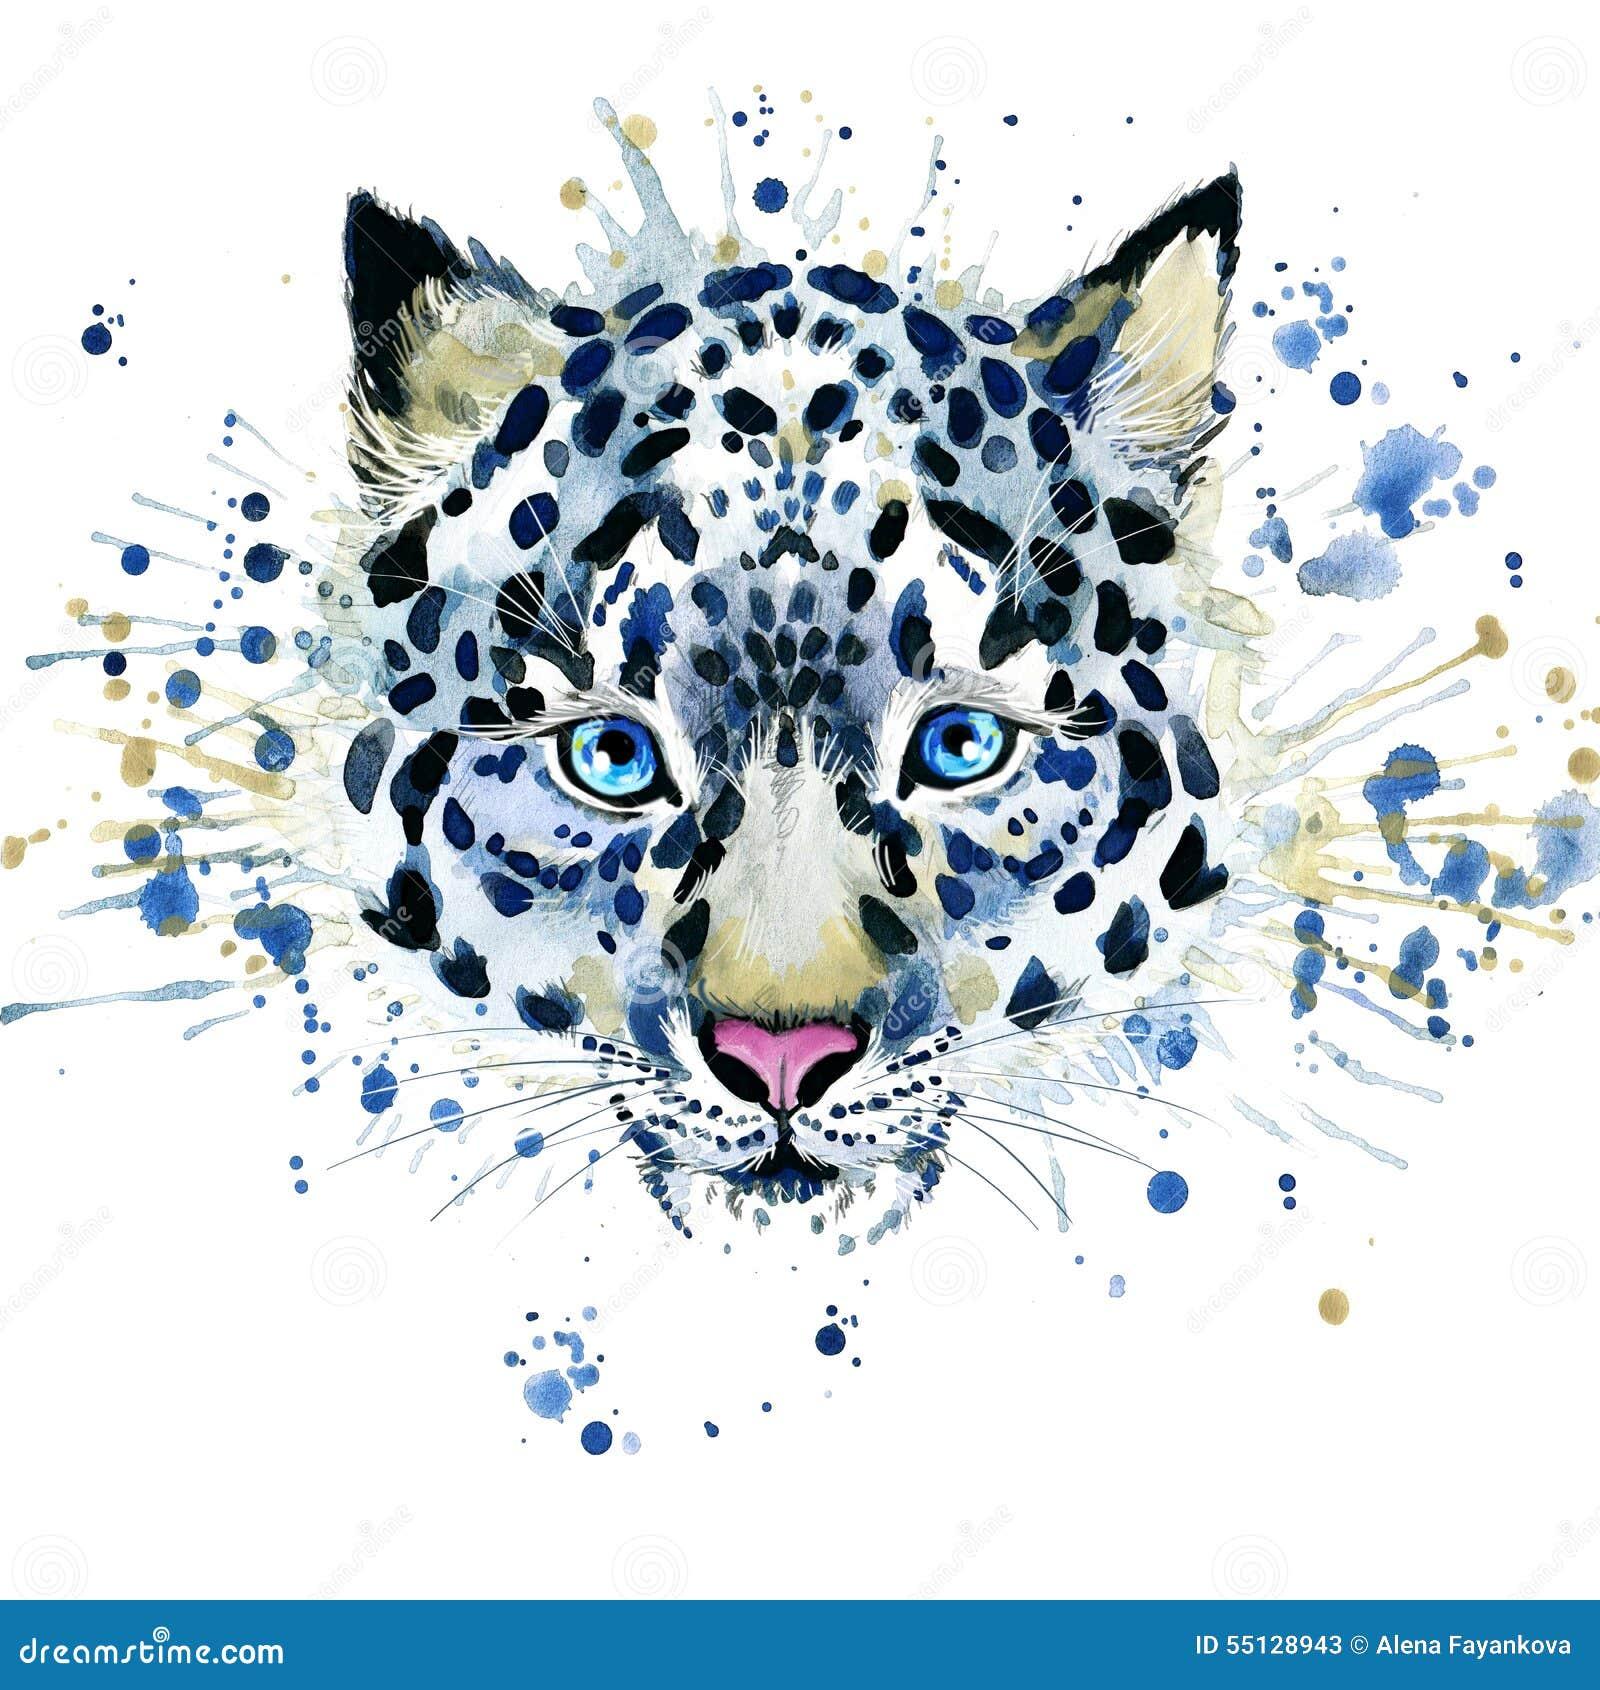 Γραφική παράσταση μπλουζών/χαριτωμένη λεοπάρδαλη χιονιού, watercolor απεικόνισης